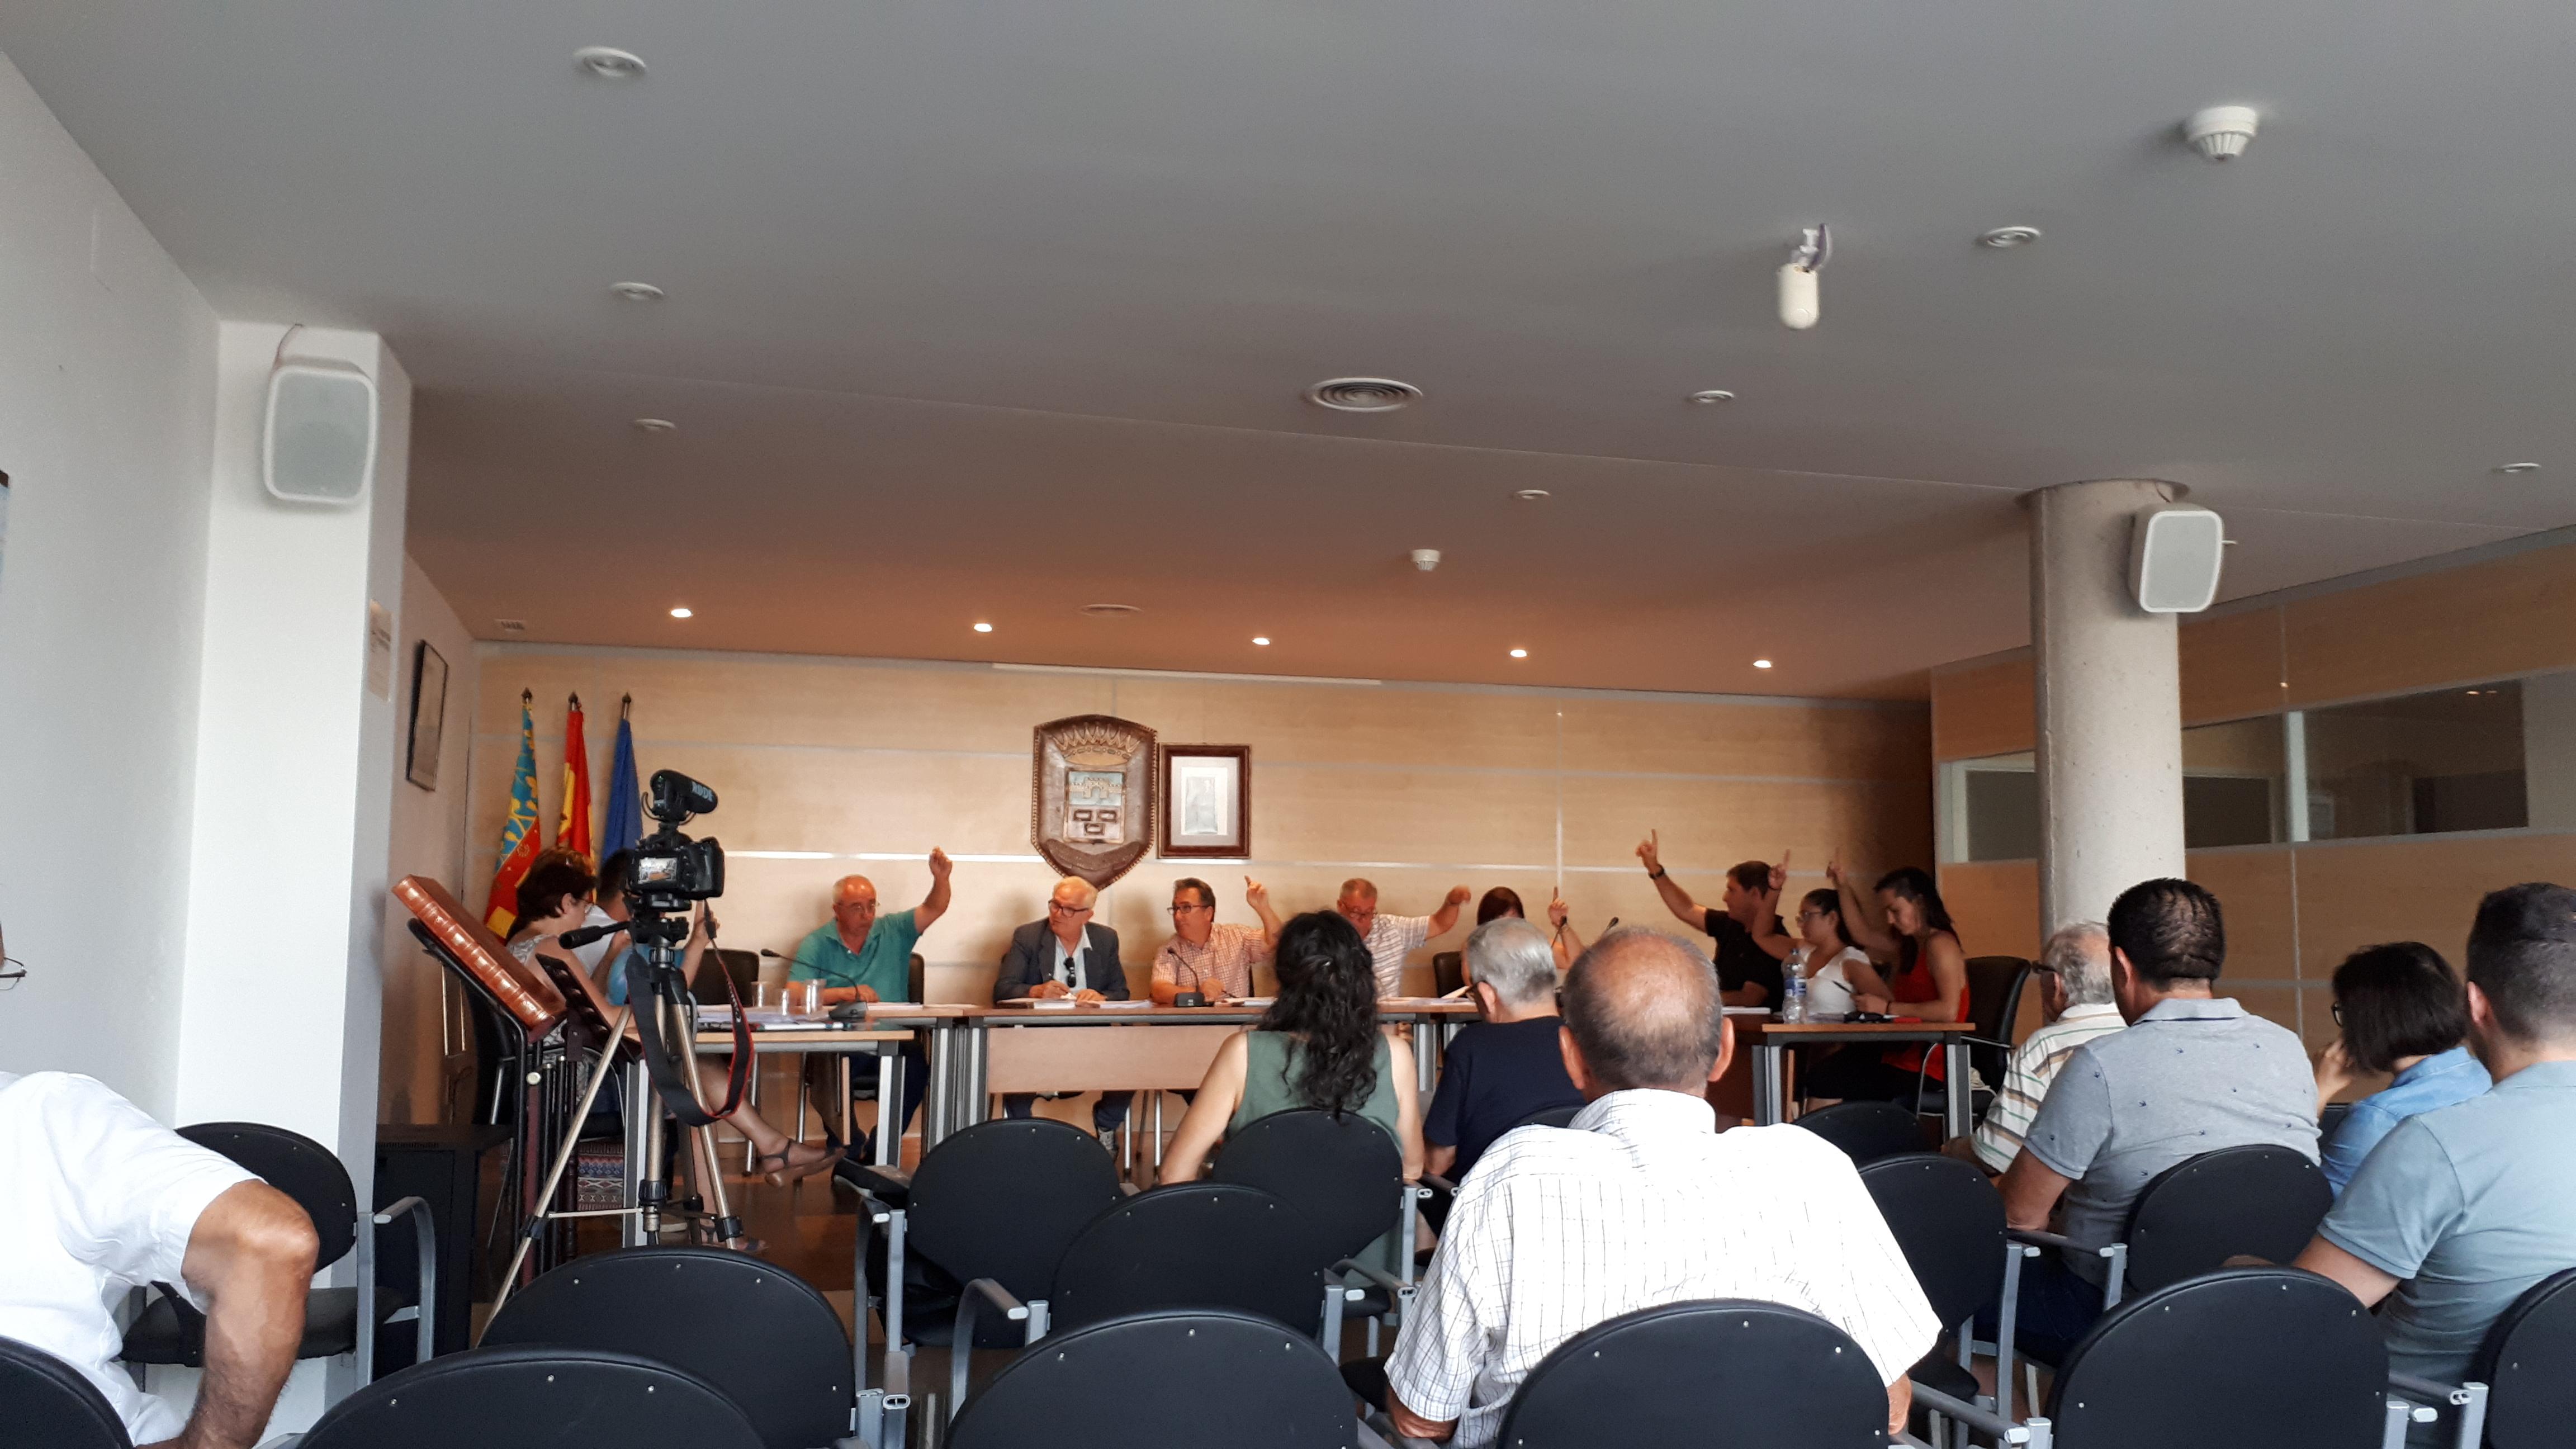 La Alianza por la declaración de la emergencia climática reúne a gran número de asociaciones de todo el Estado, entre las que se encuentran los colectivos Aire Limpio En La Hoya de Buñol-Chiva, Cero Plástico, Los Verdes, Huerta-Jardín El Boticario, etc.